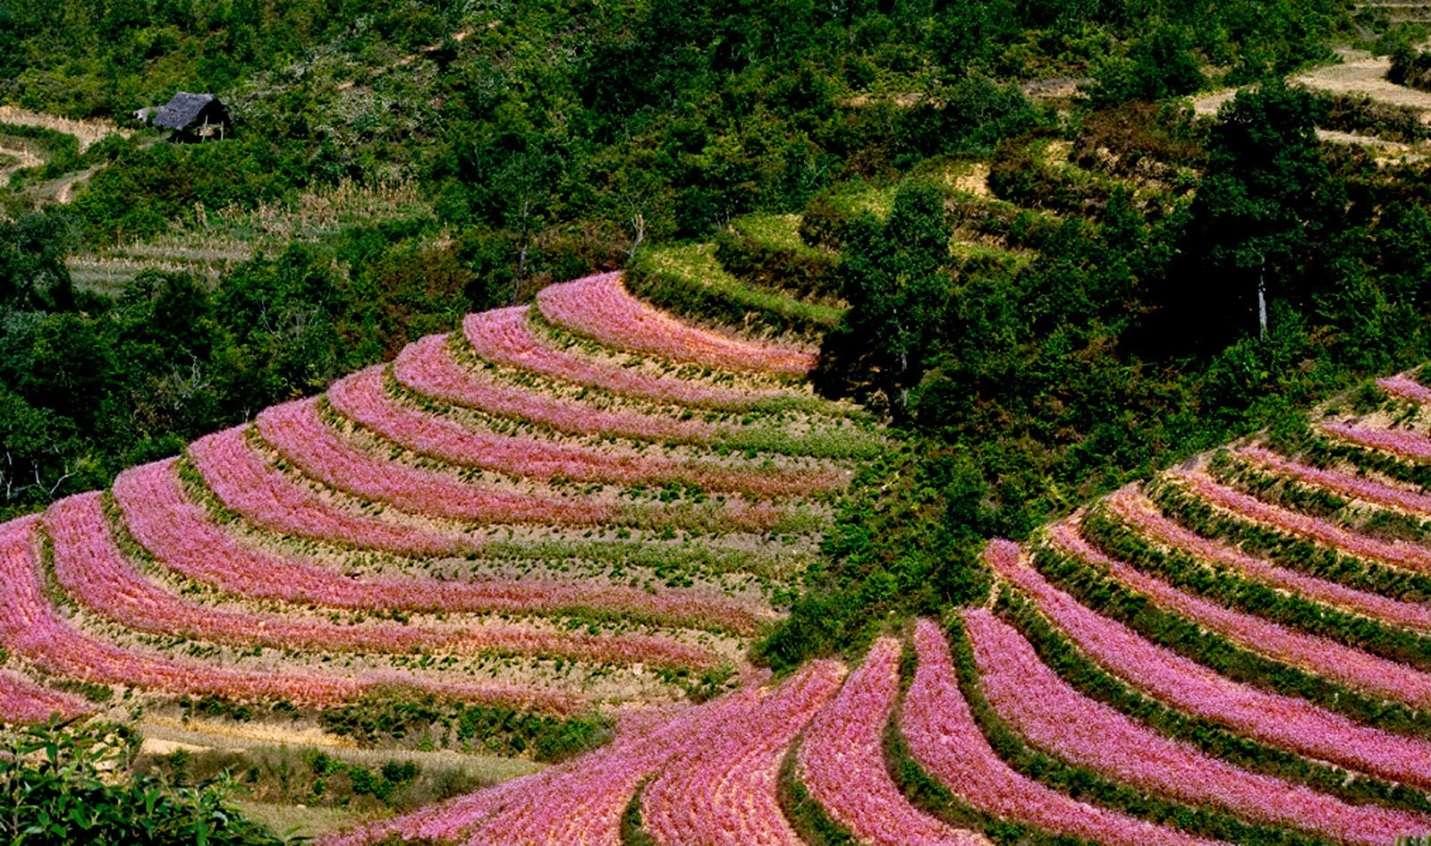 Hoa tam giá mạch phủ khắp triền đồi